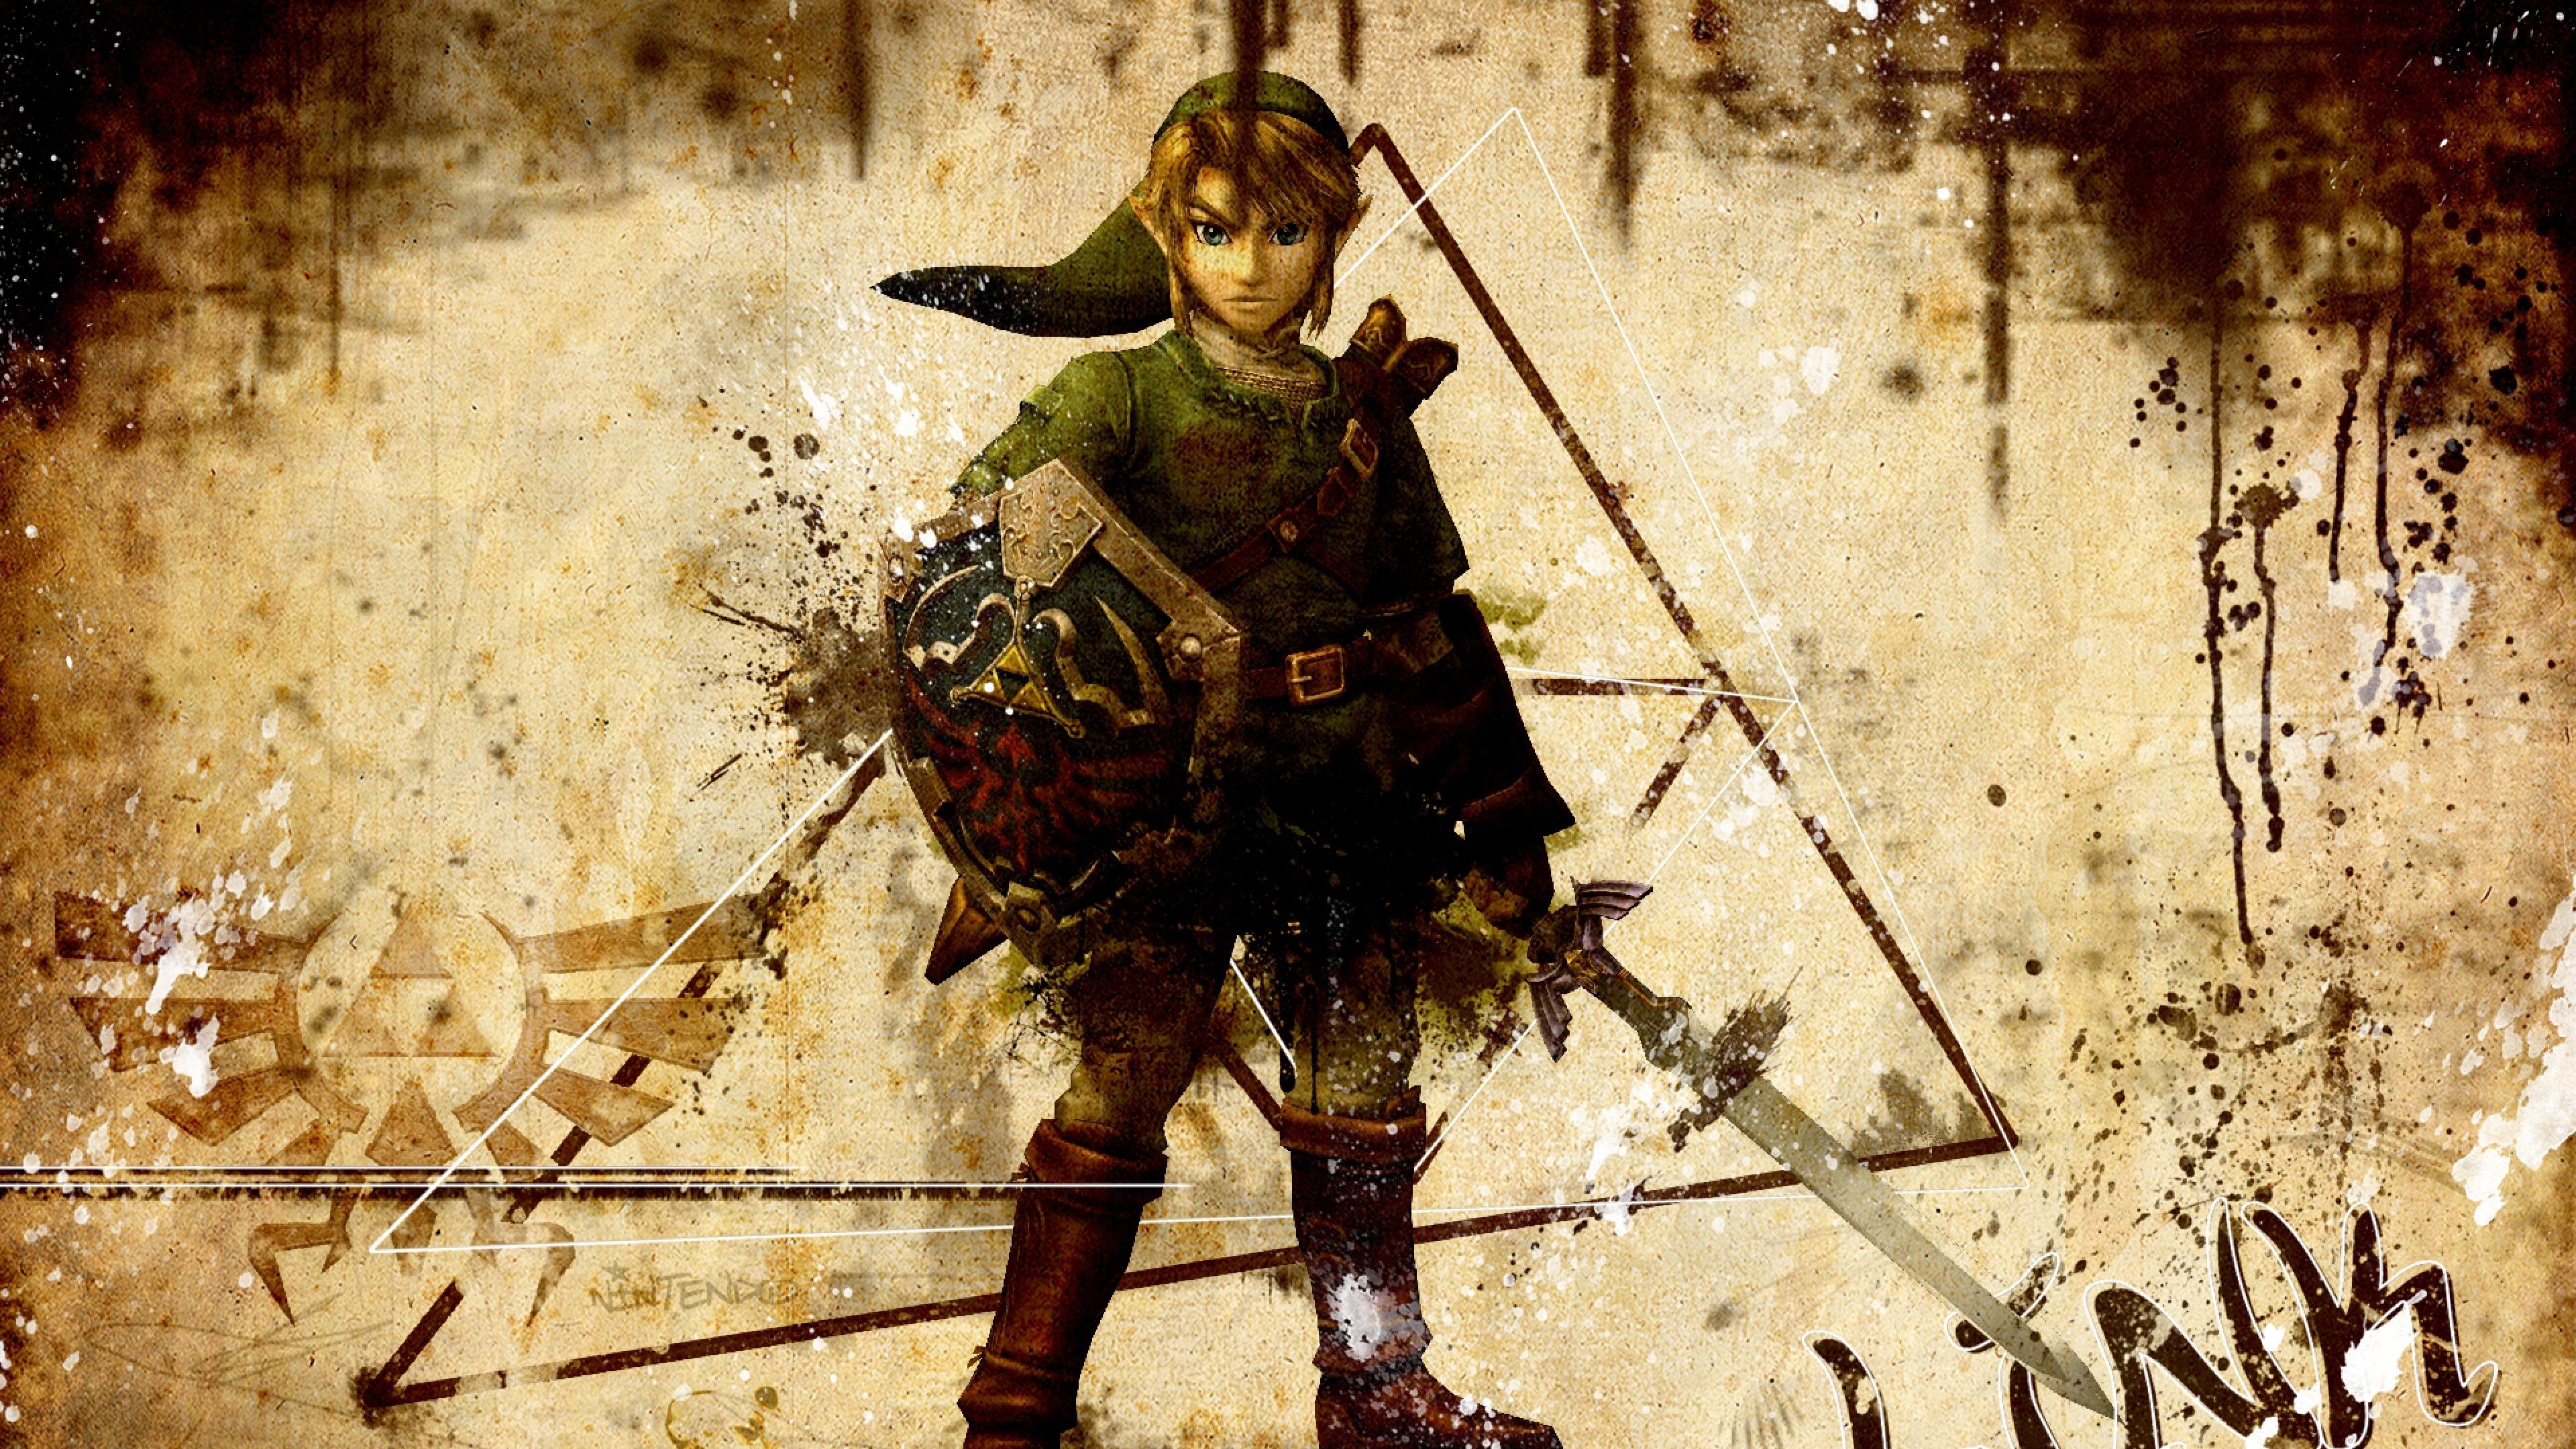 of zelda character arm sword look zelda 4K Ultra HD HD Background 3840x2160